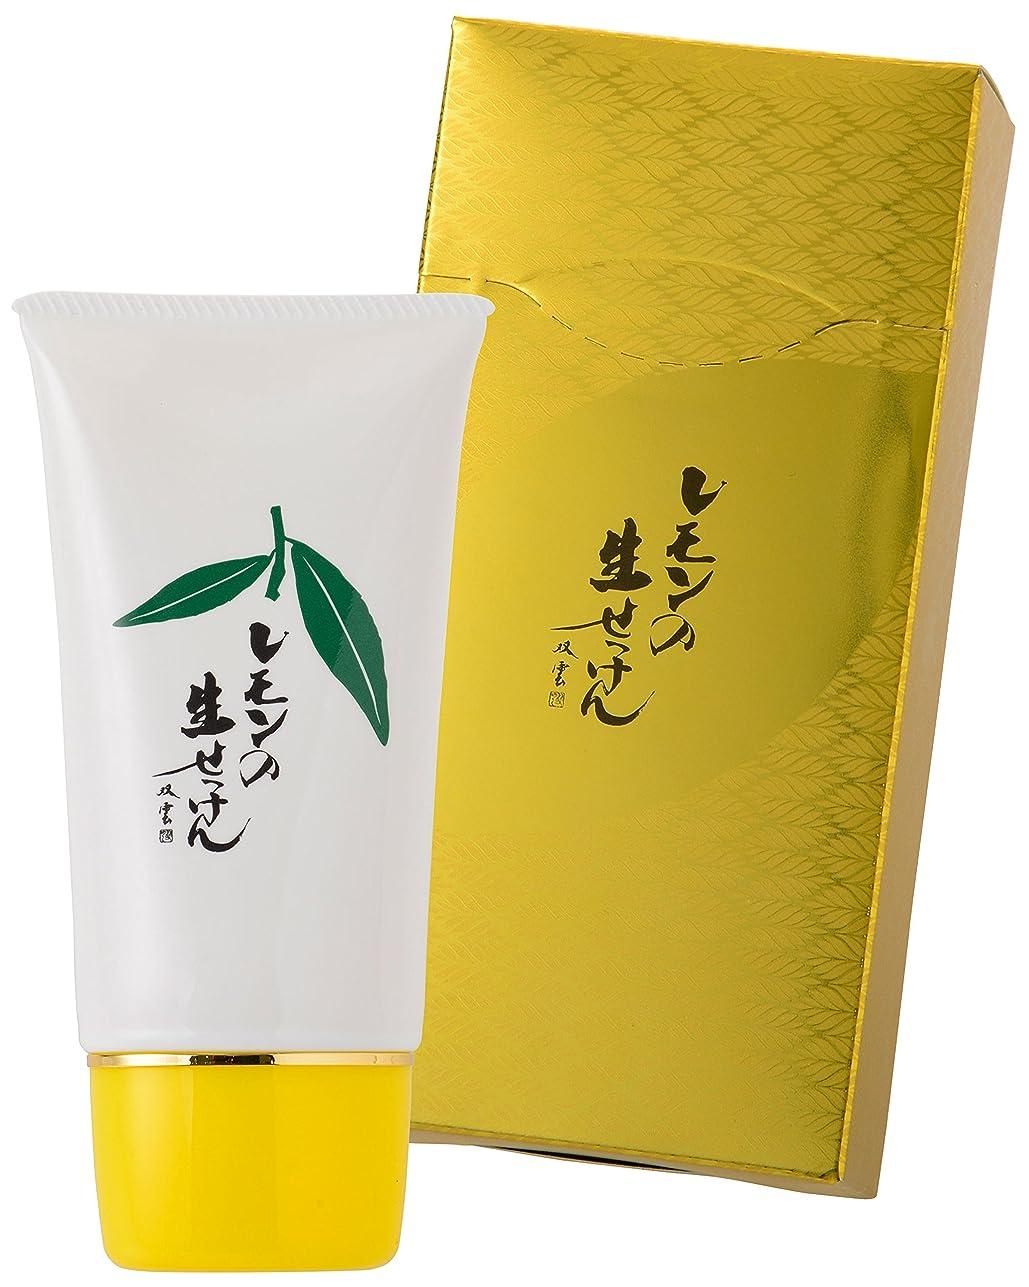 下ラフレシアアルノルディ部分美香柑 レモンの生せっけん 洗顔石けん 無添加 泡立てネット付 チューブタイプ 70g